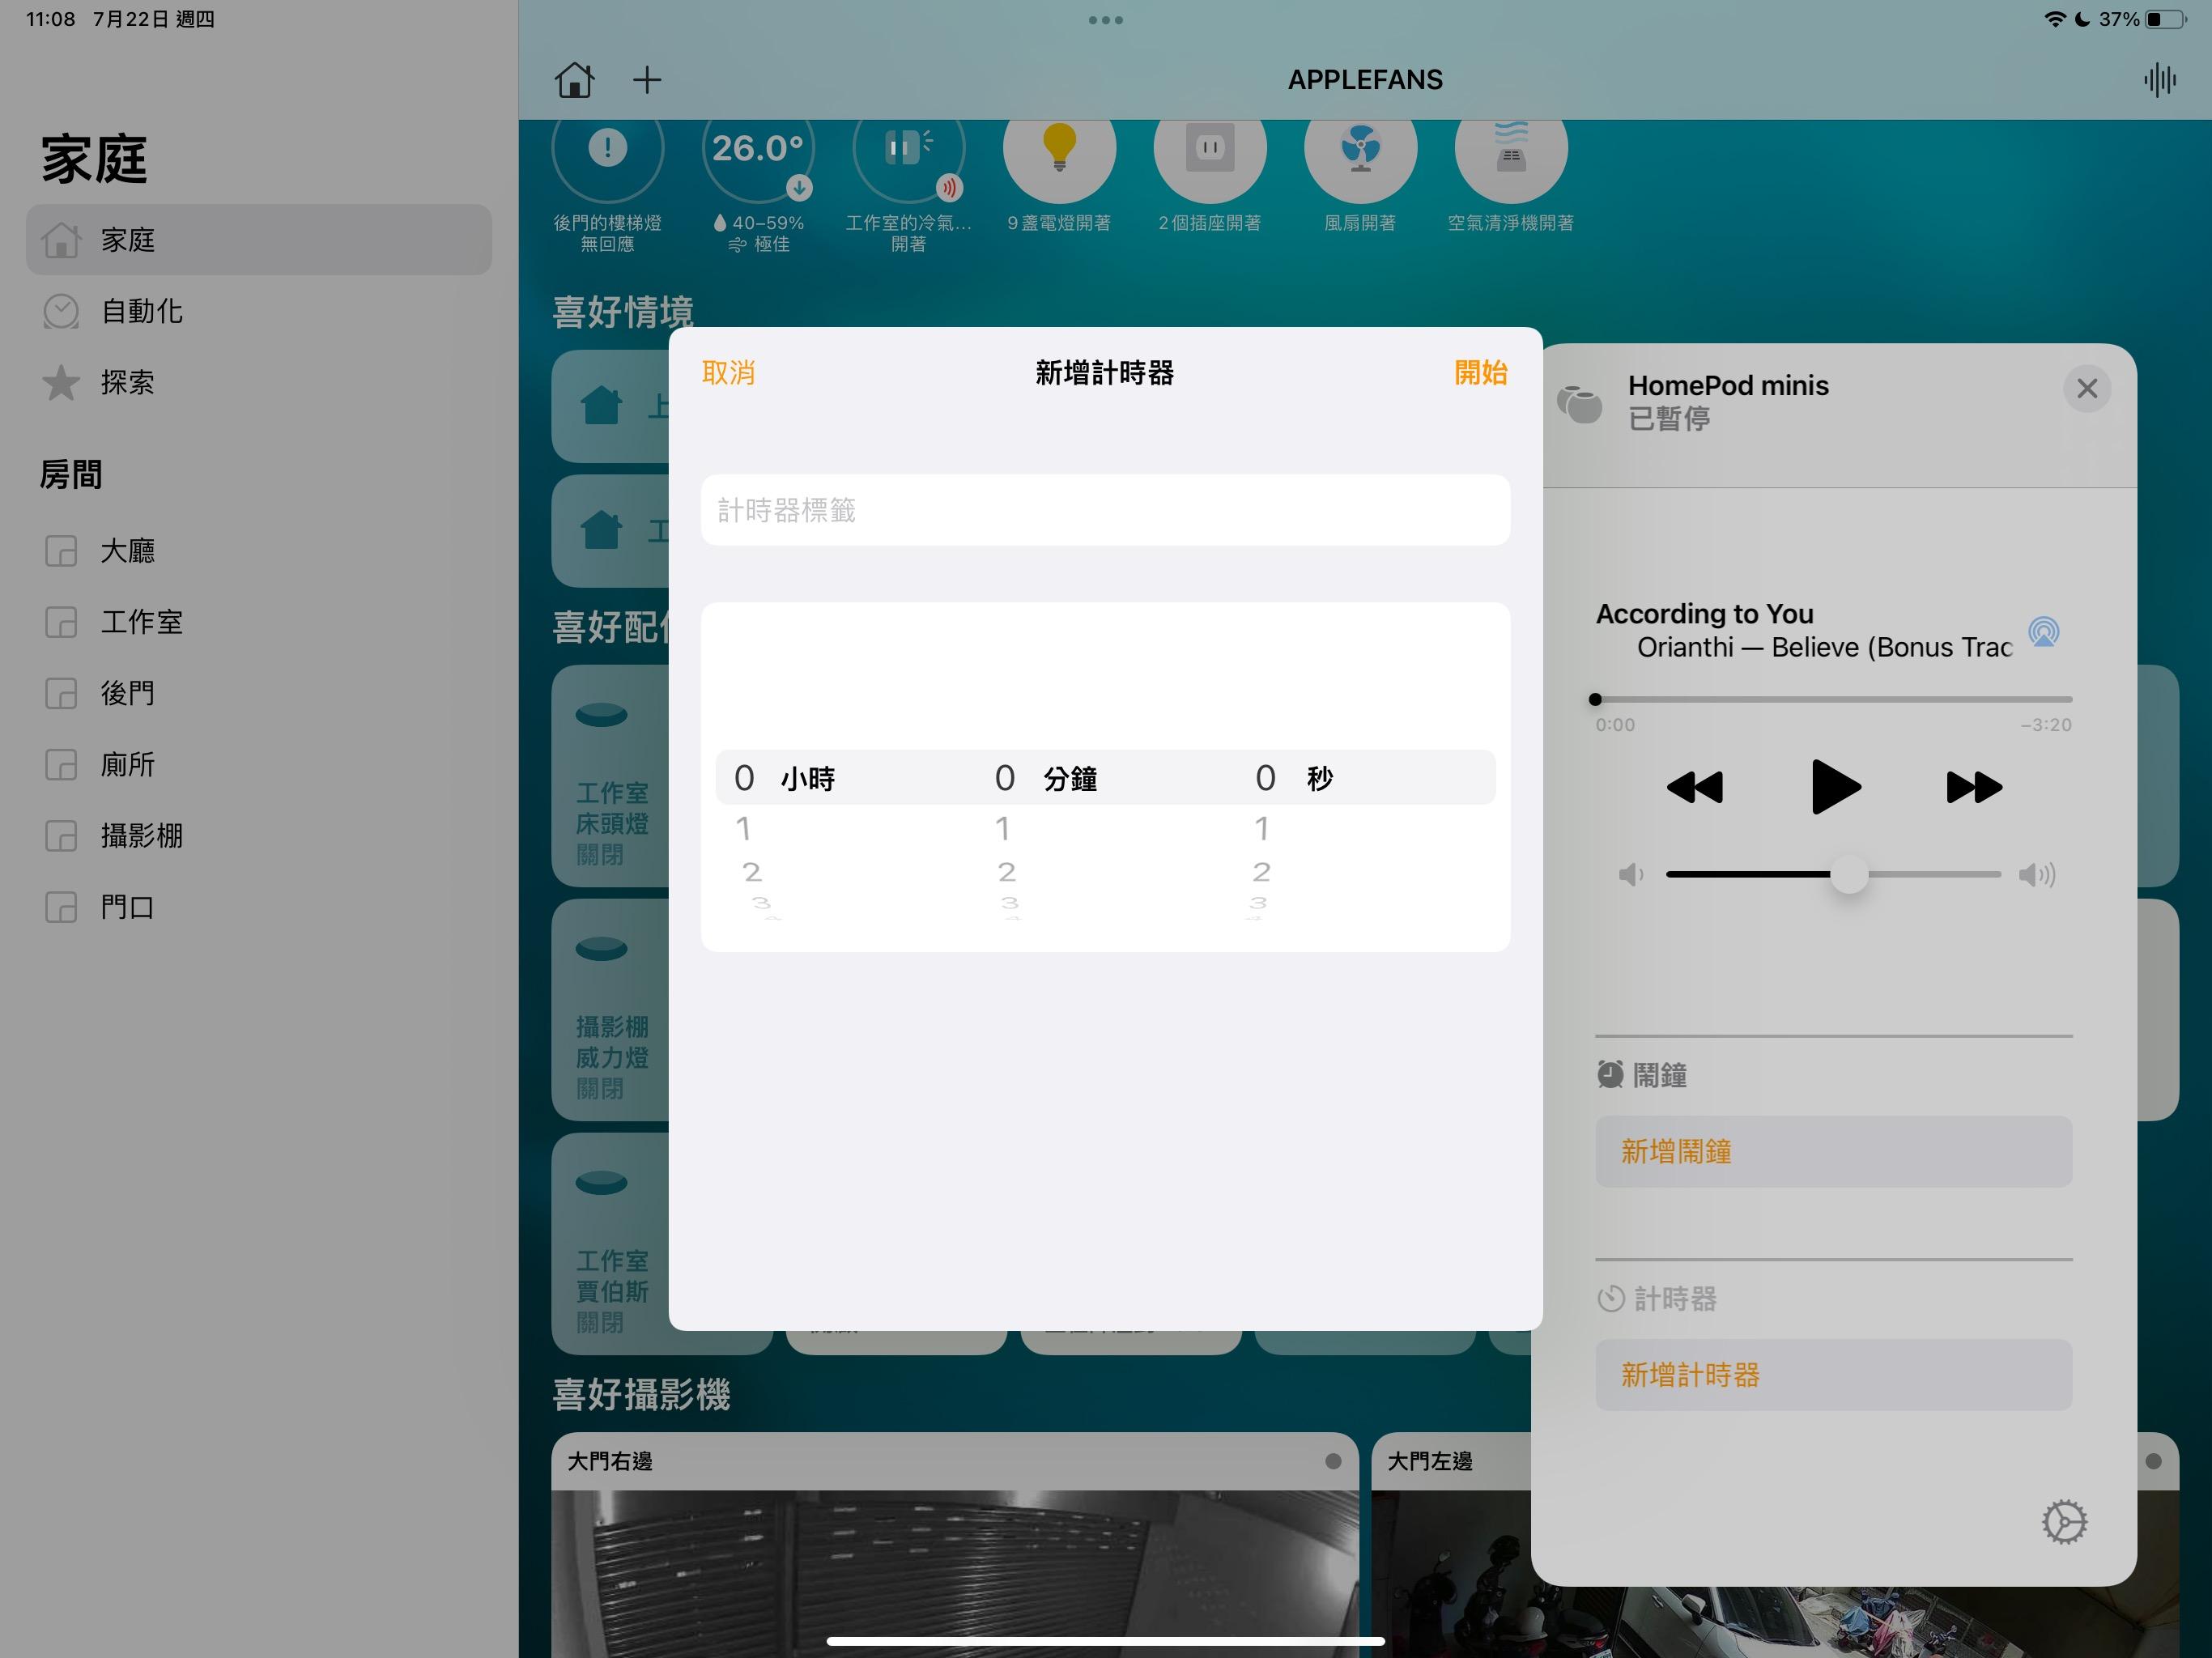 Home App 可為 HomePod 設定計時器